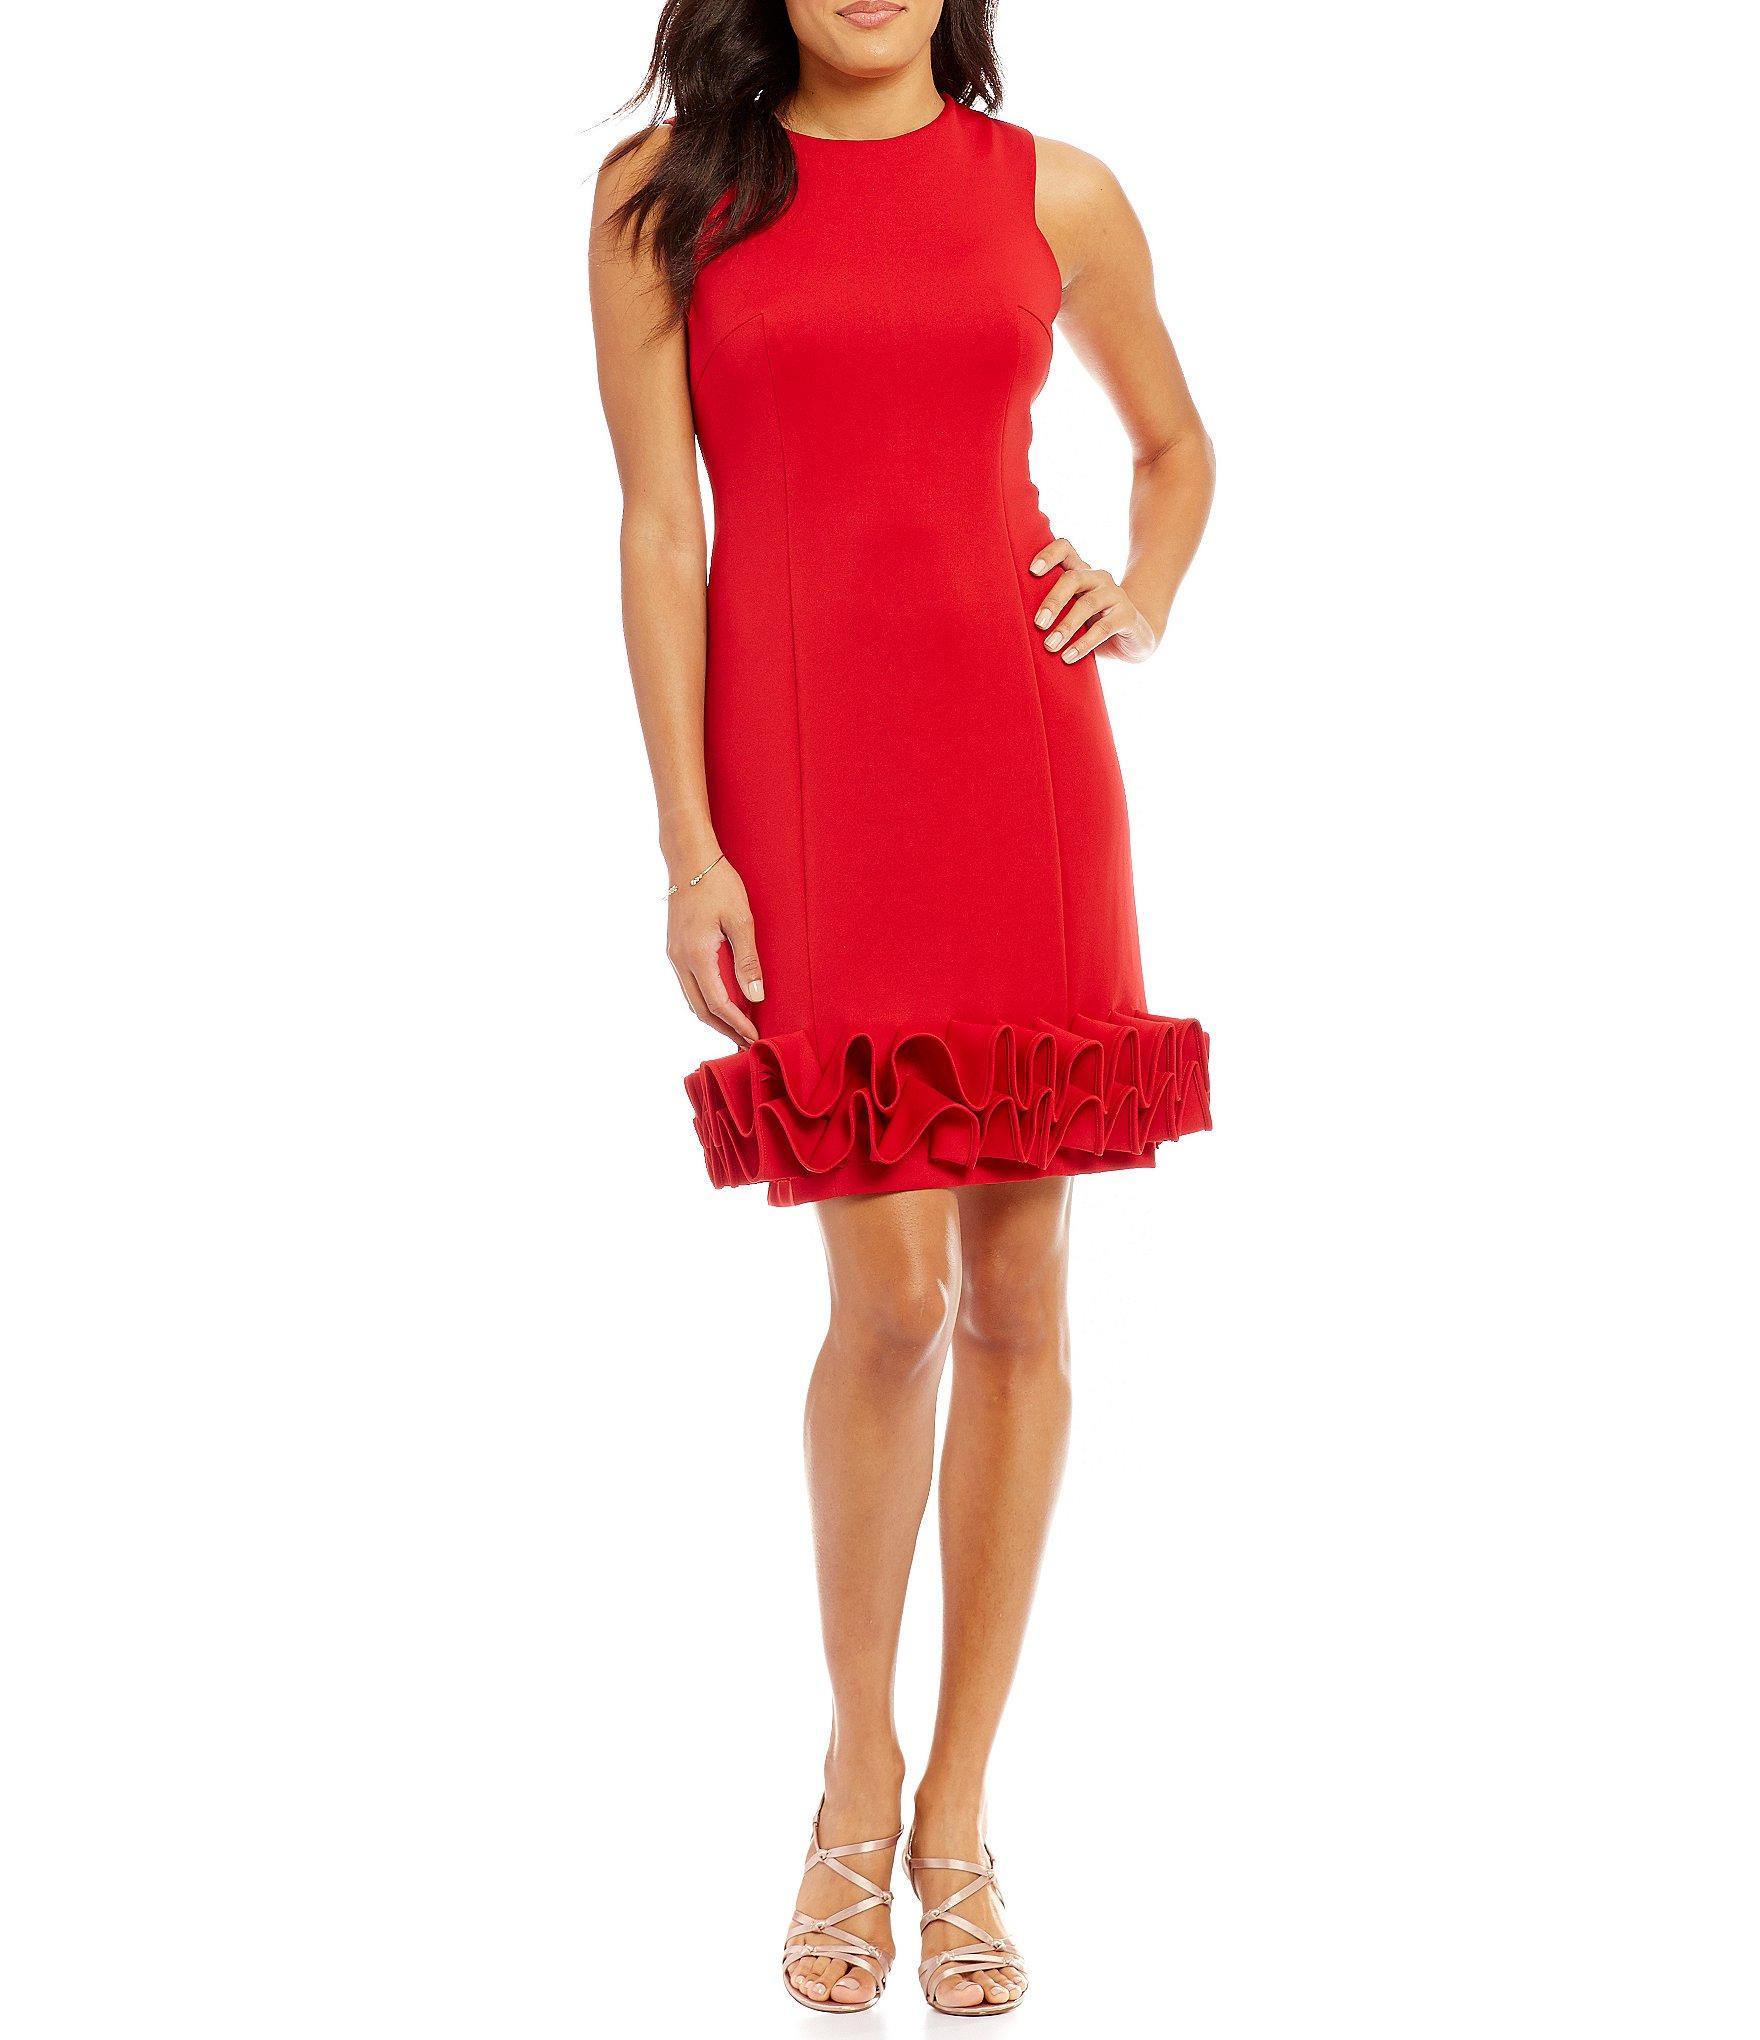 S.L. Fashions   Dillards.com